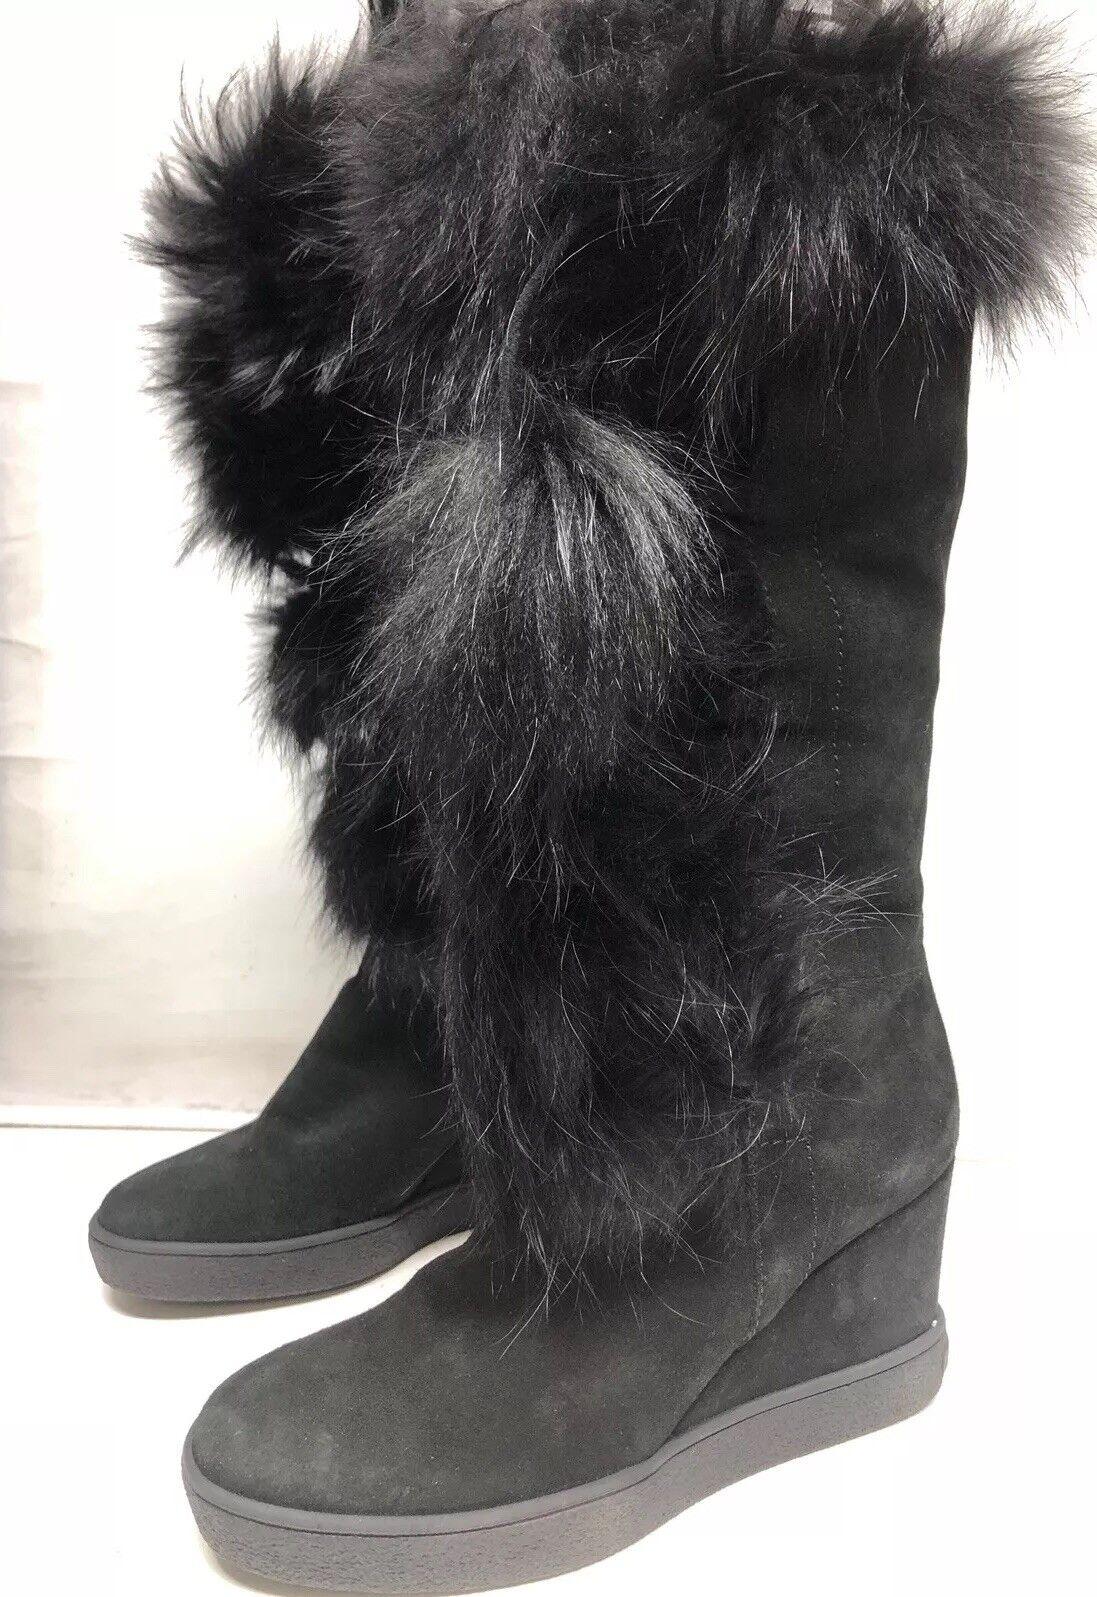 Aquatalia Black Colette Colette Colette Suede Fur wedge boots 8 8.5 0e454a